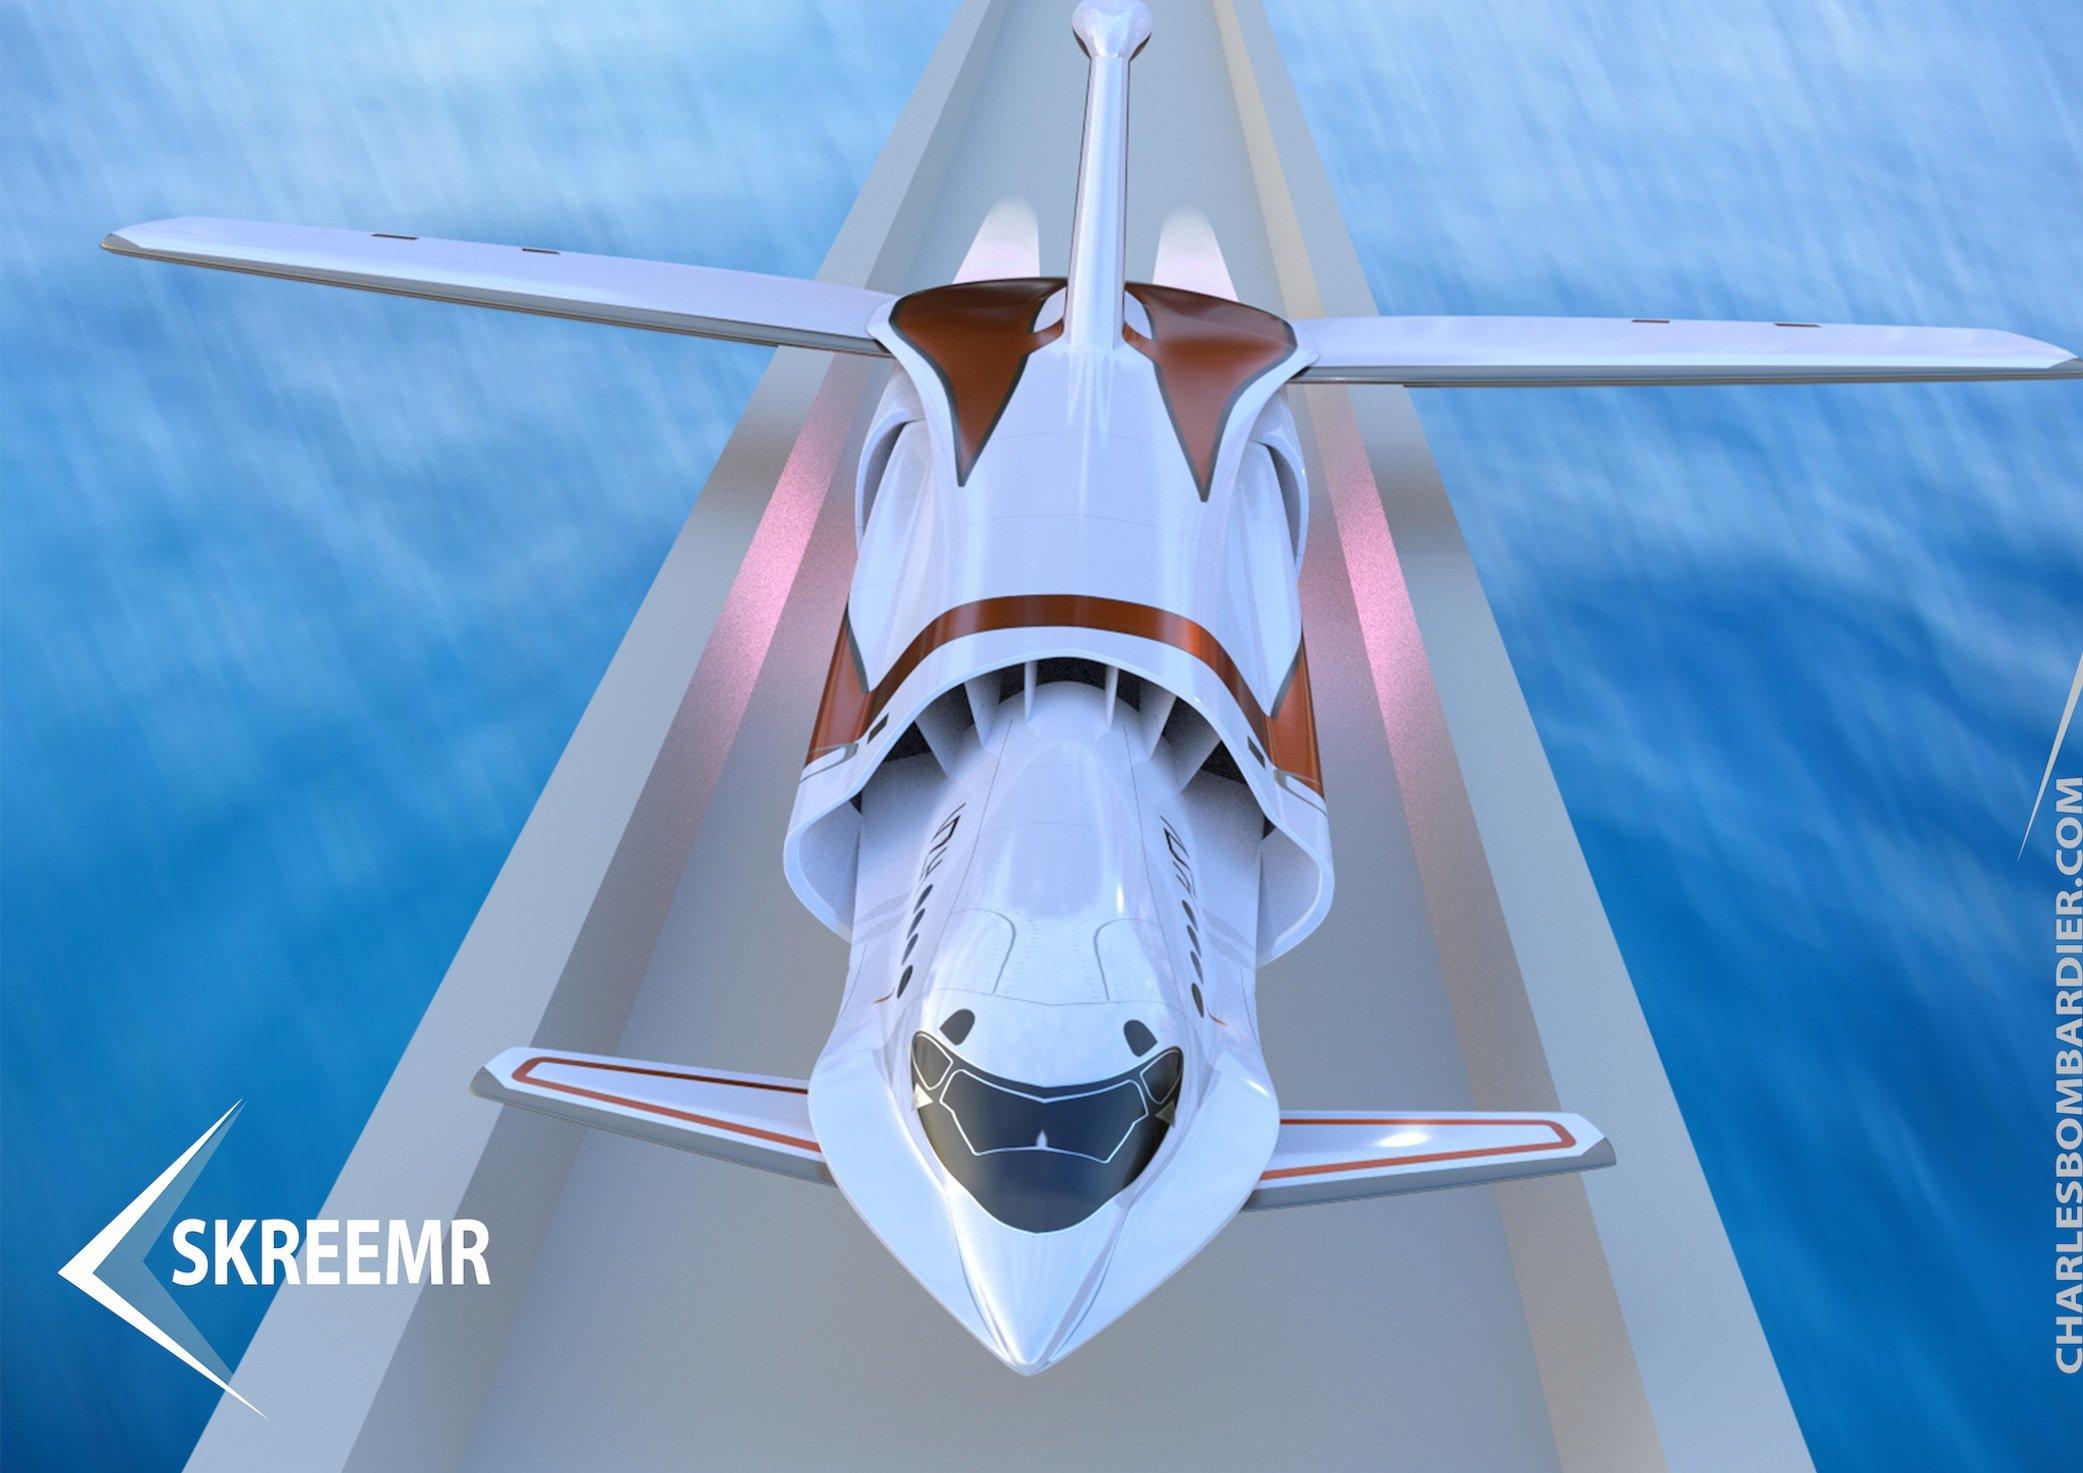 Die beiden Flugzeugdesigner Charles Bombardier und Ray Mattison haben das Konzept für ein Passagierflugzeug mit dem Arbeitstitel Skreemrvorgelegt, das mehr als 10.000 km/h schnell fliegen kann.